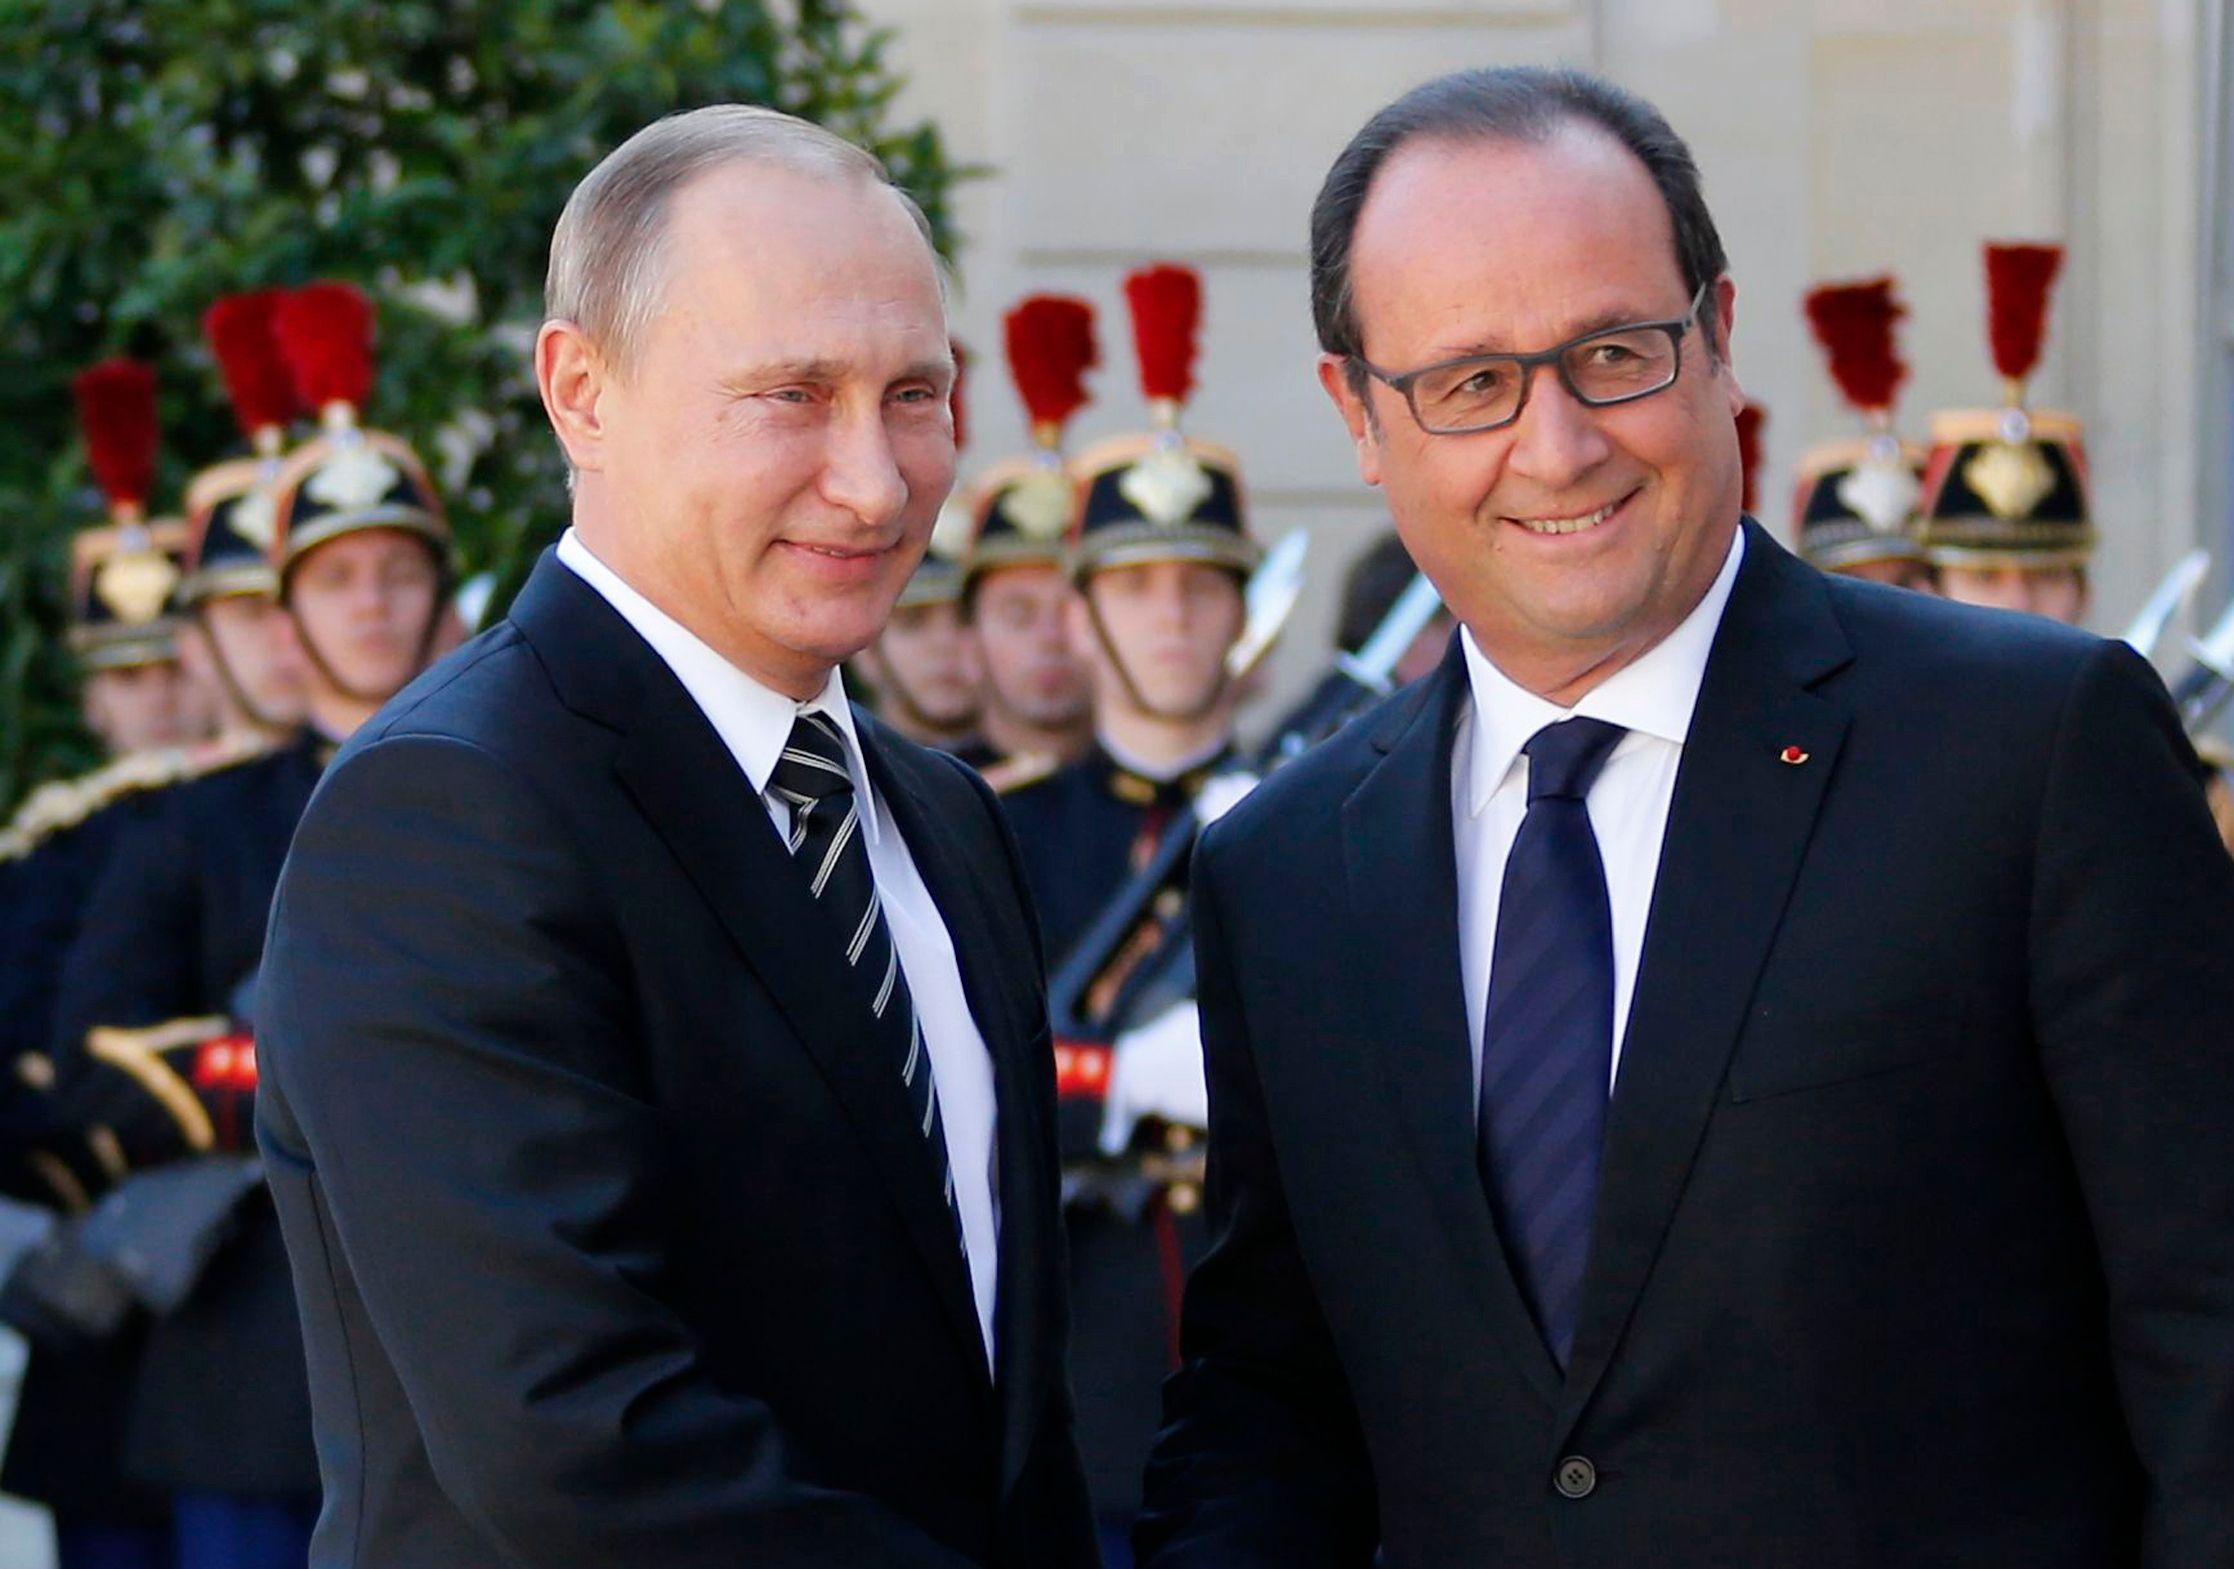 De Poutine à Cameron en passant par Berlin: au jeu des alliances, François Hollande récolte plus d'empathie que de partenaires militaires fiables